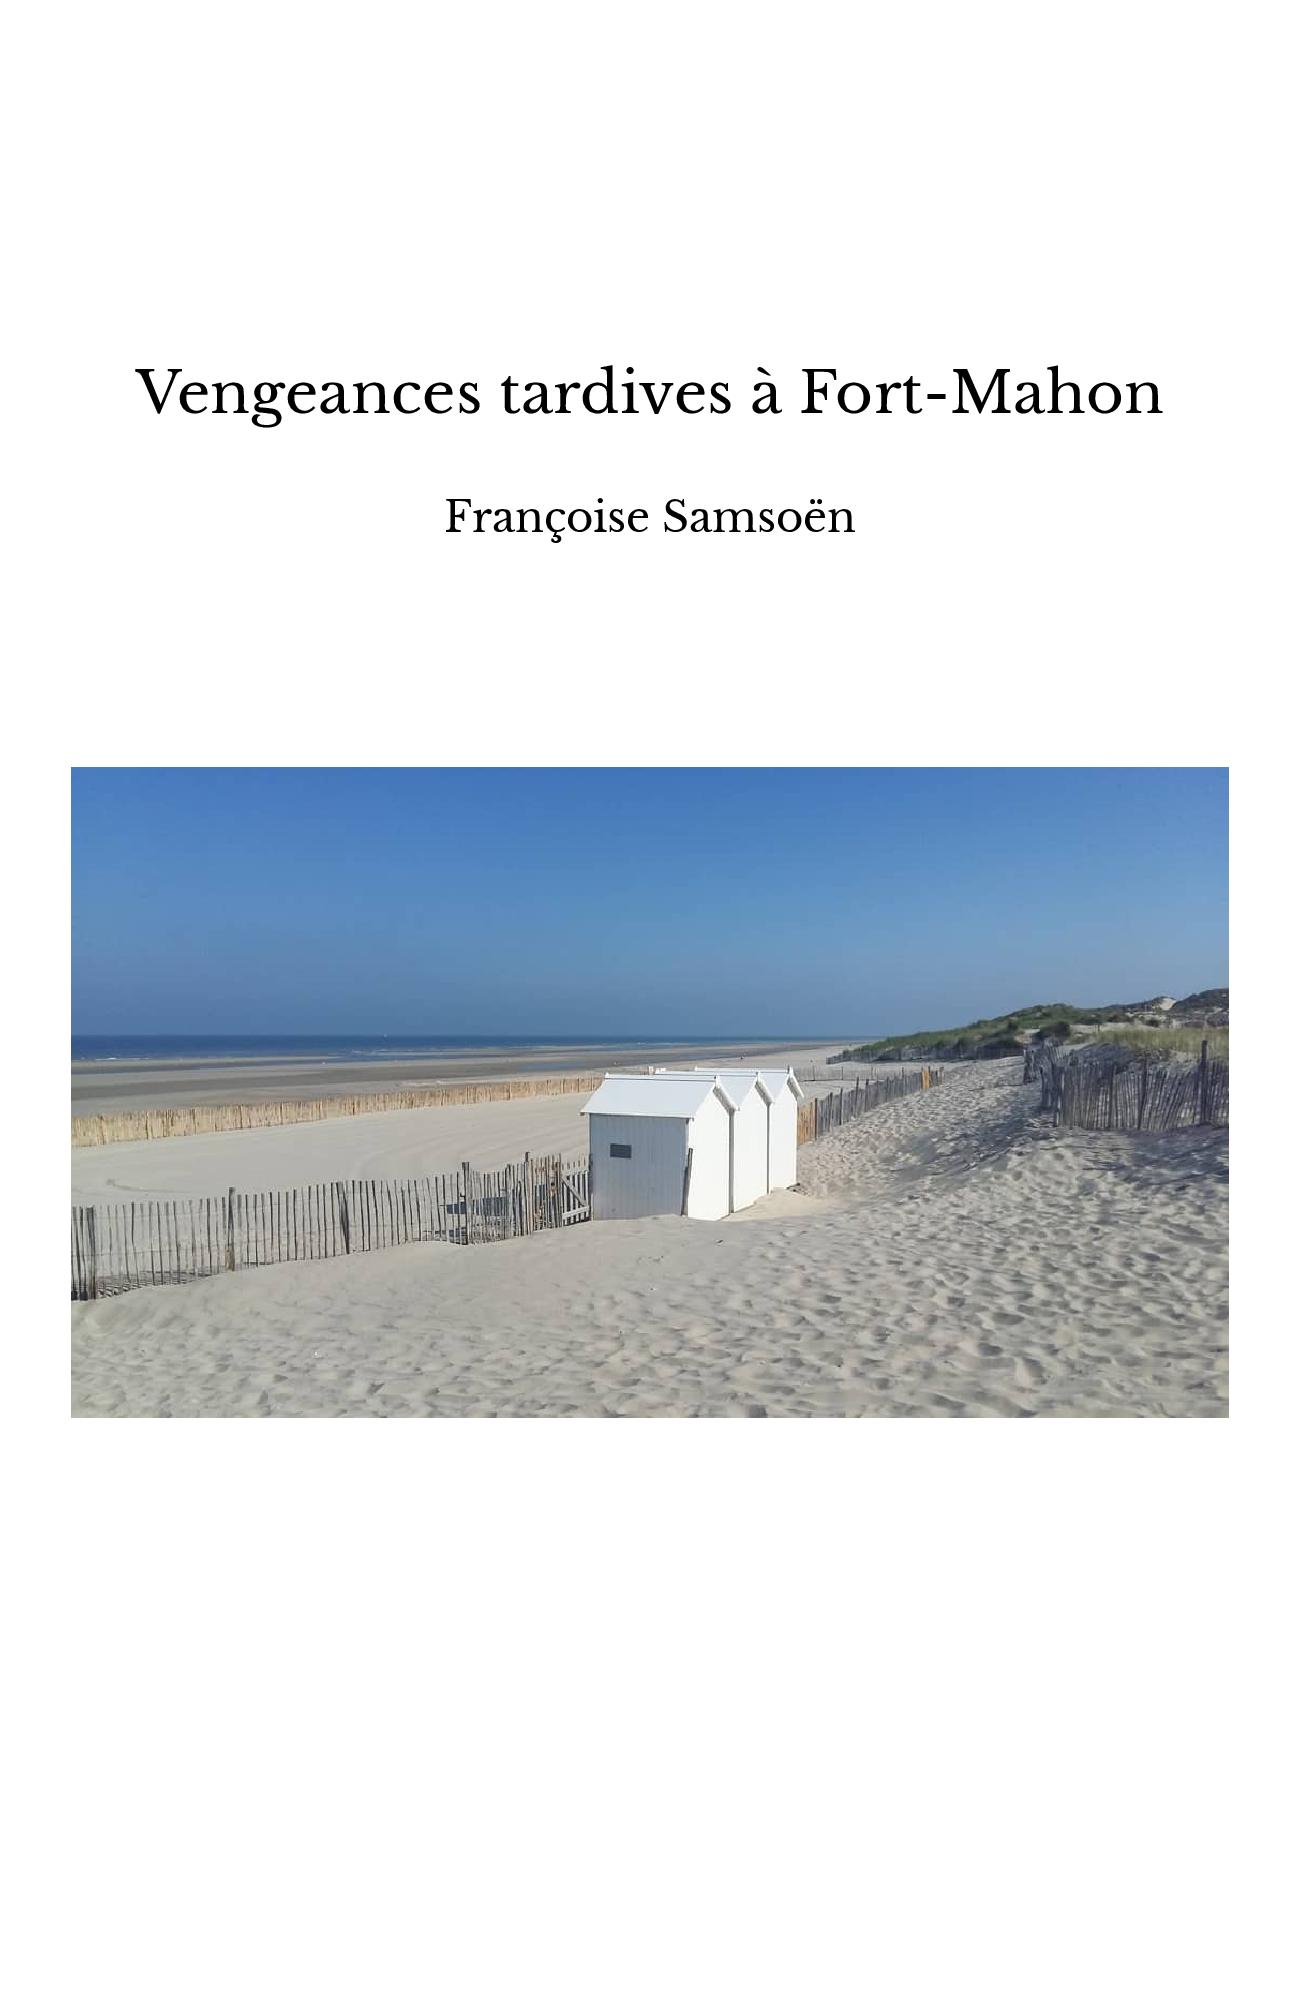 Vengeances tardives à Fort-Mahon